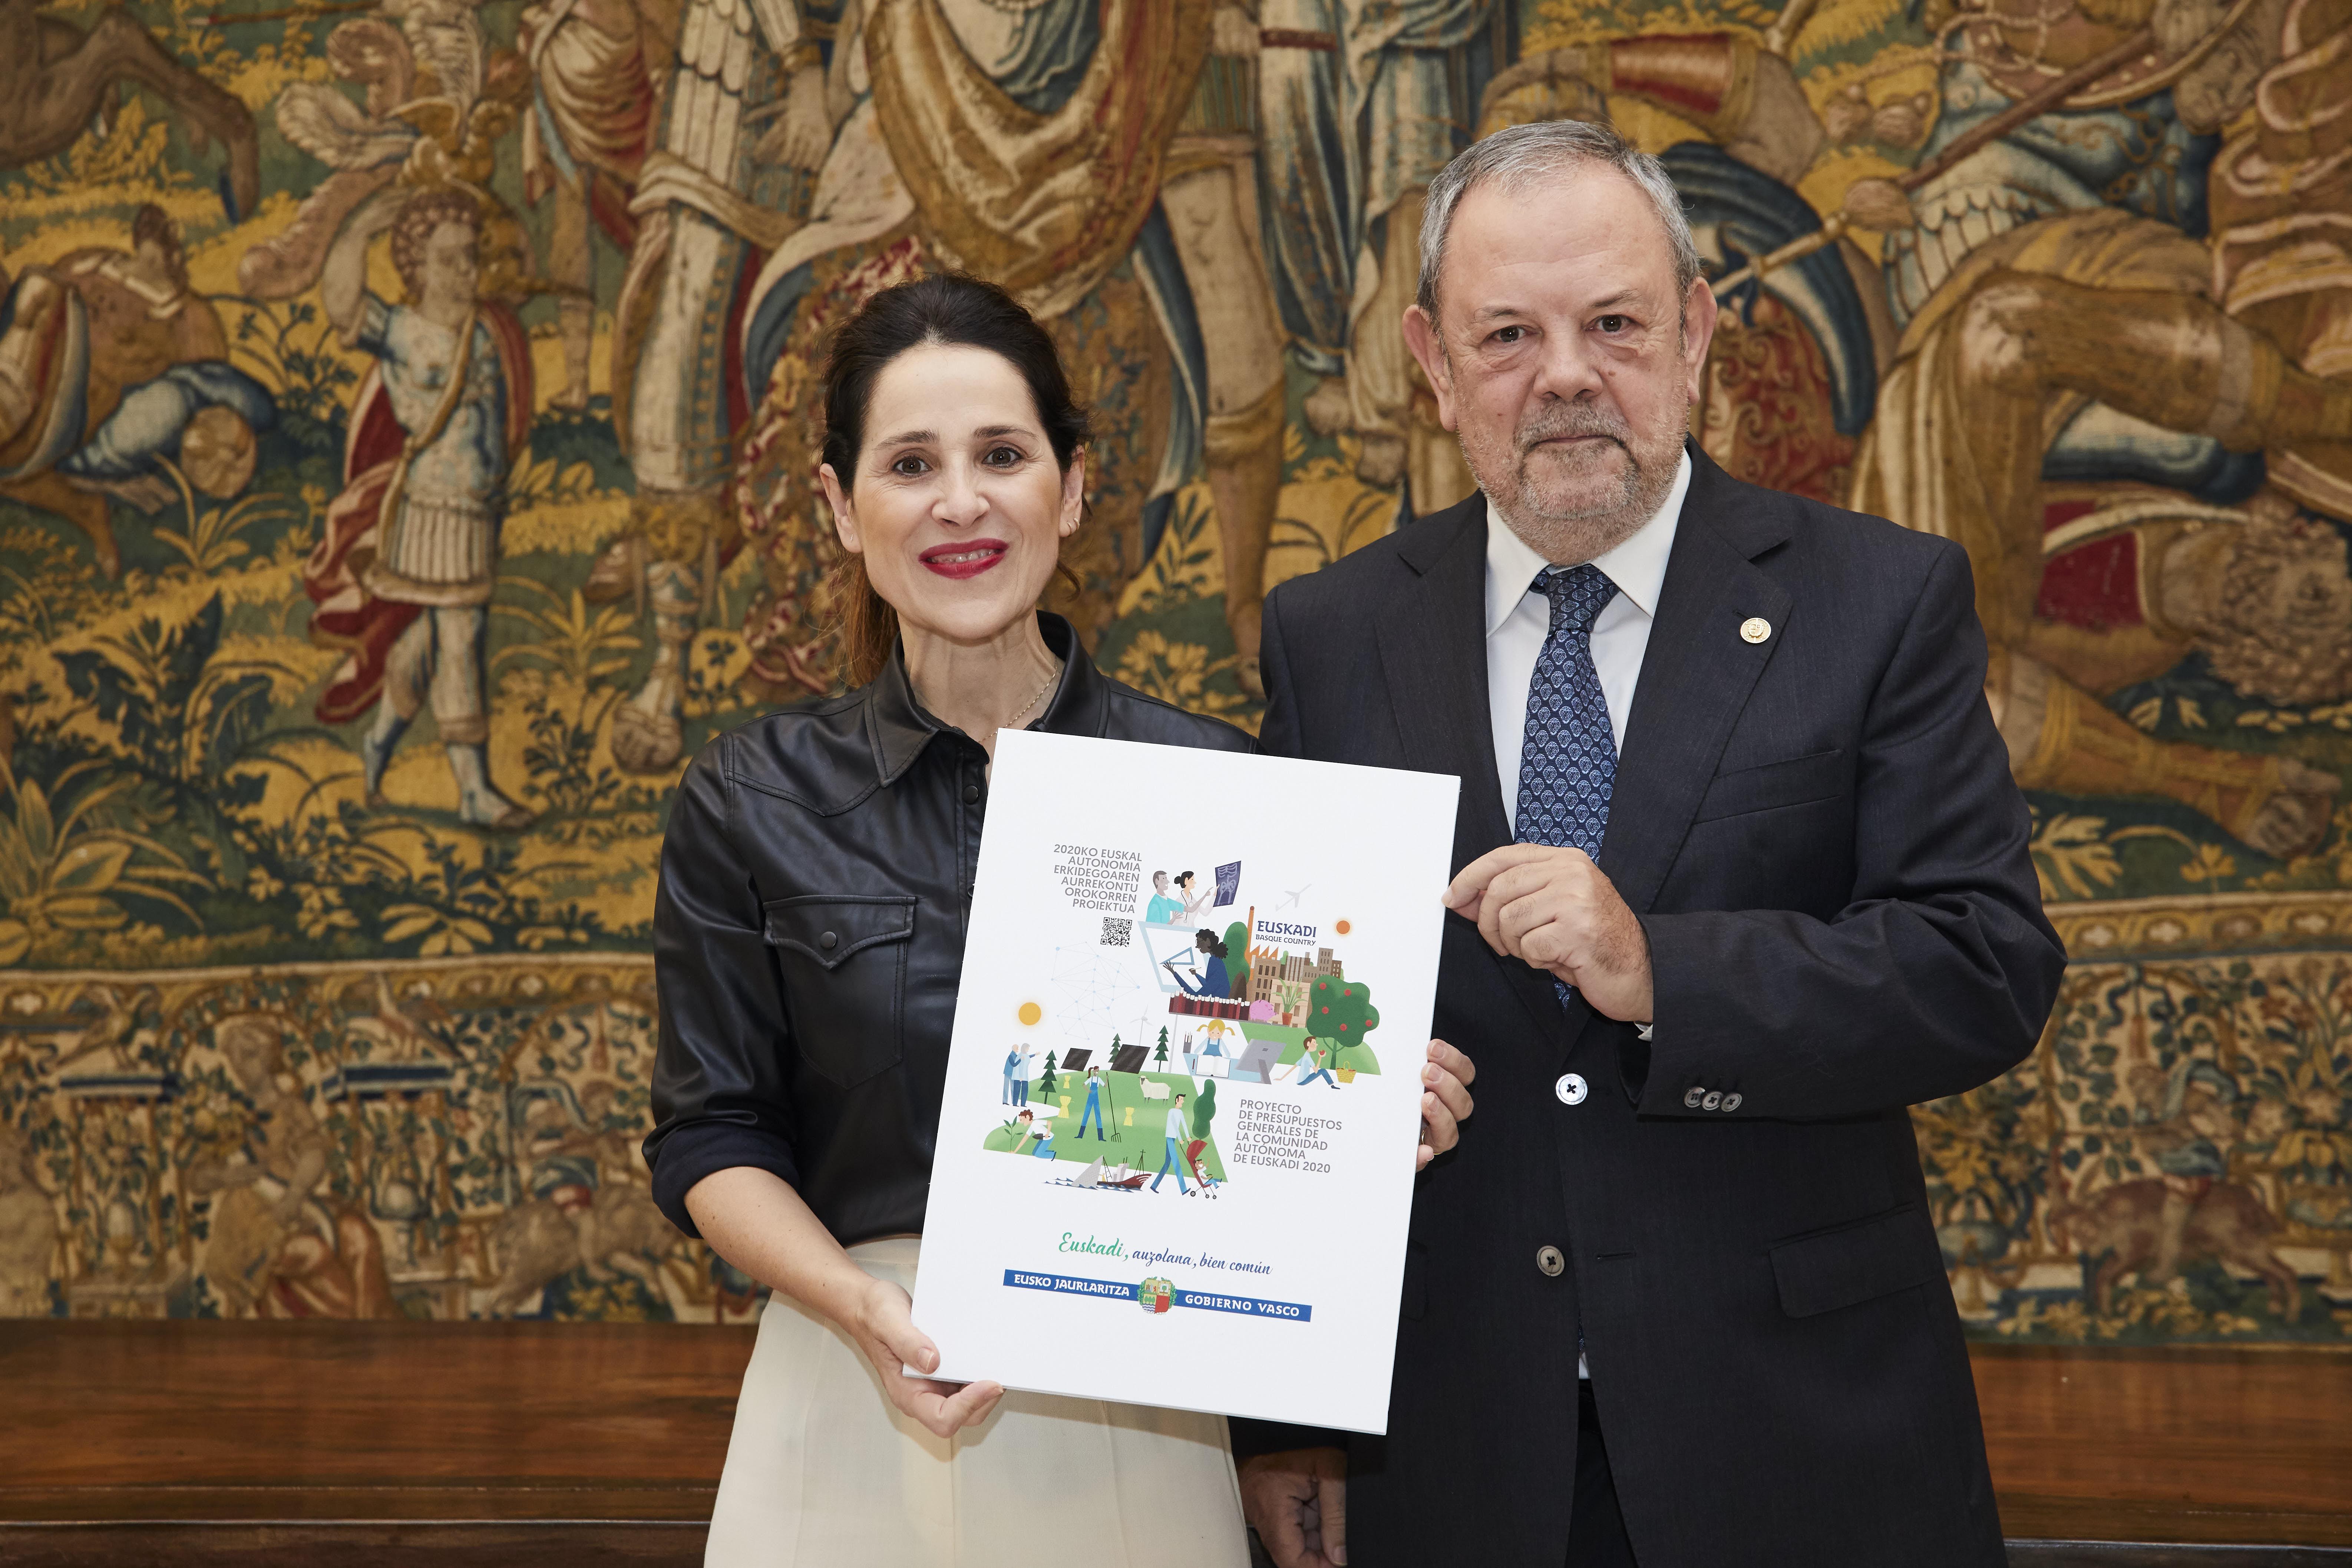 Pedro Azpiazu sailburuak Legebiltzarreko presidenteari Euskadiren 2020 ekitaldirako Aurrekontu Orokorren Lege-proiektua entregatu dio